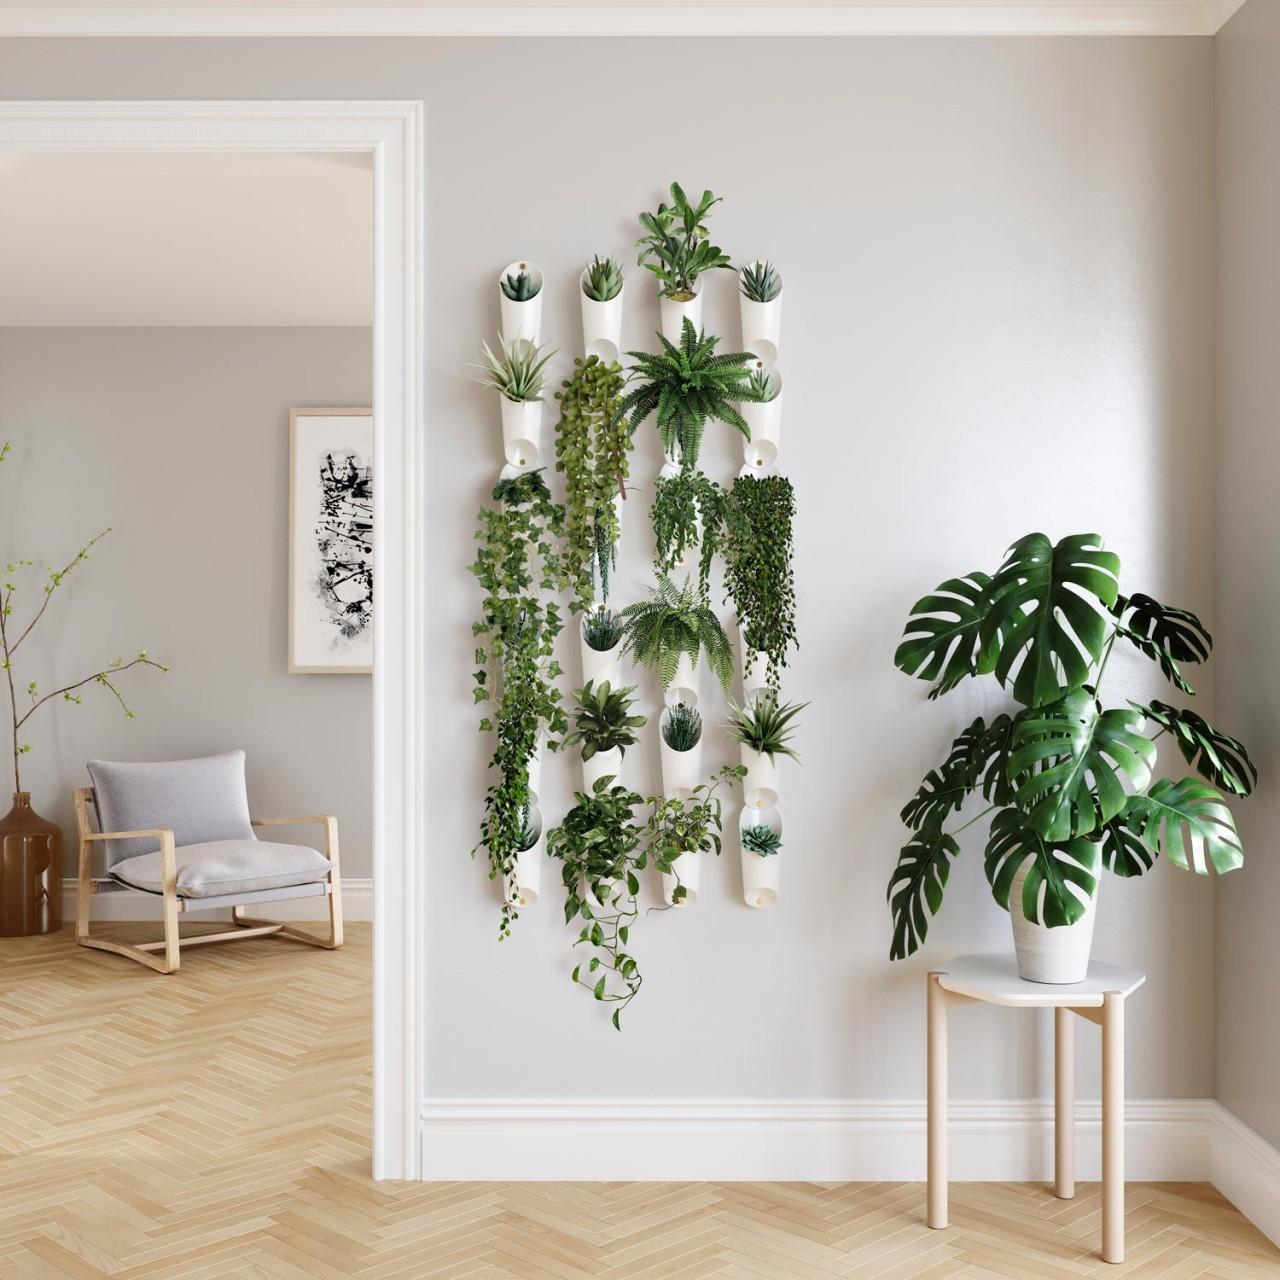 Wandvasen für kleine Pflanzen oder als Organizer